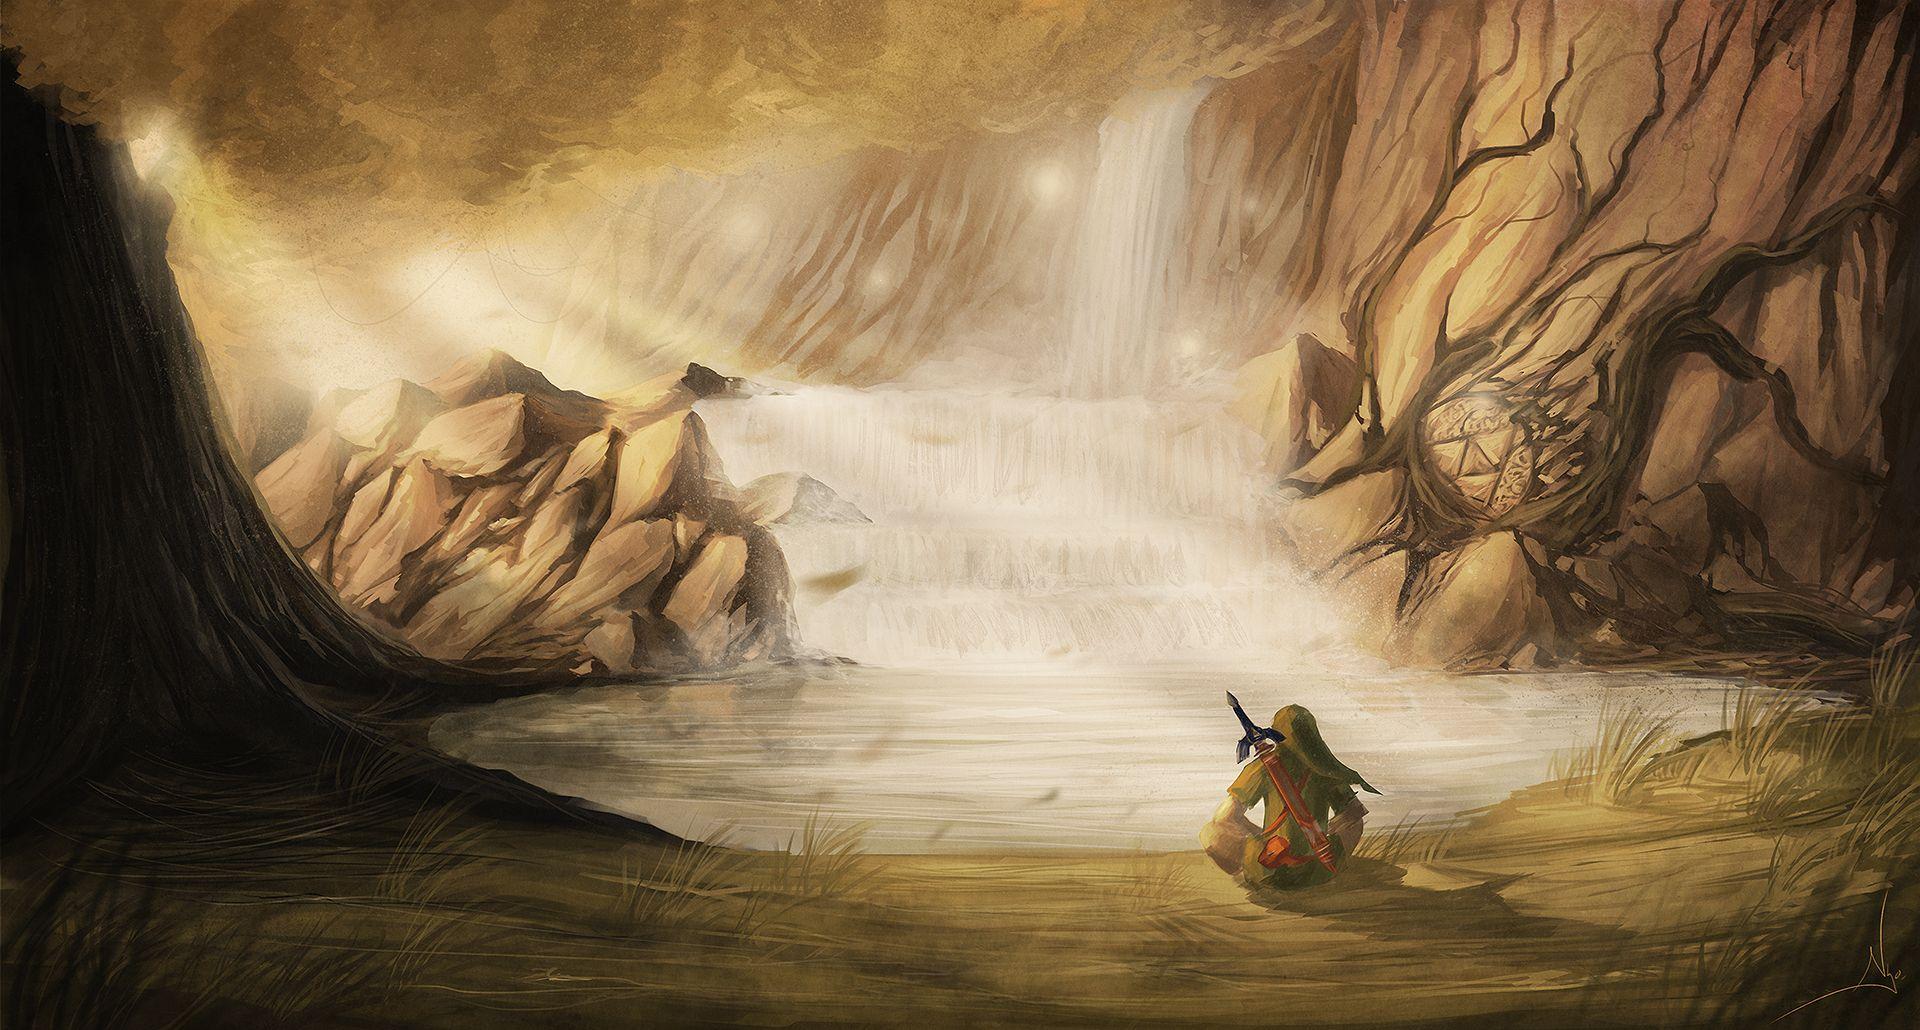 Legend Of Zelda Twilight Princess Wallpaper Zelda Twilight